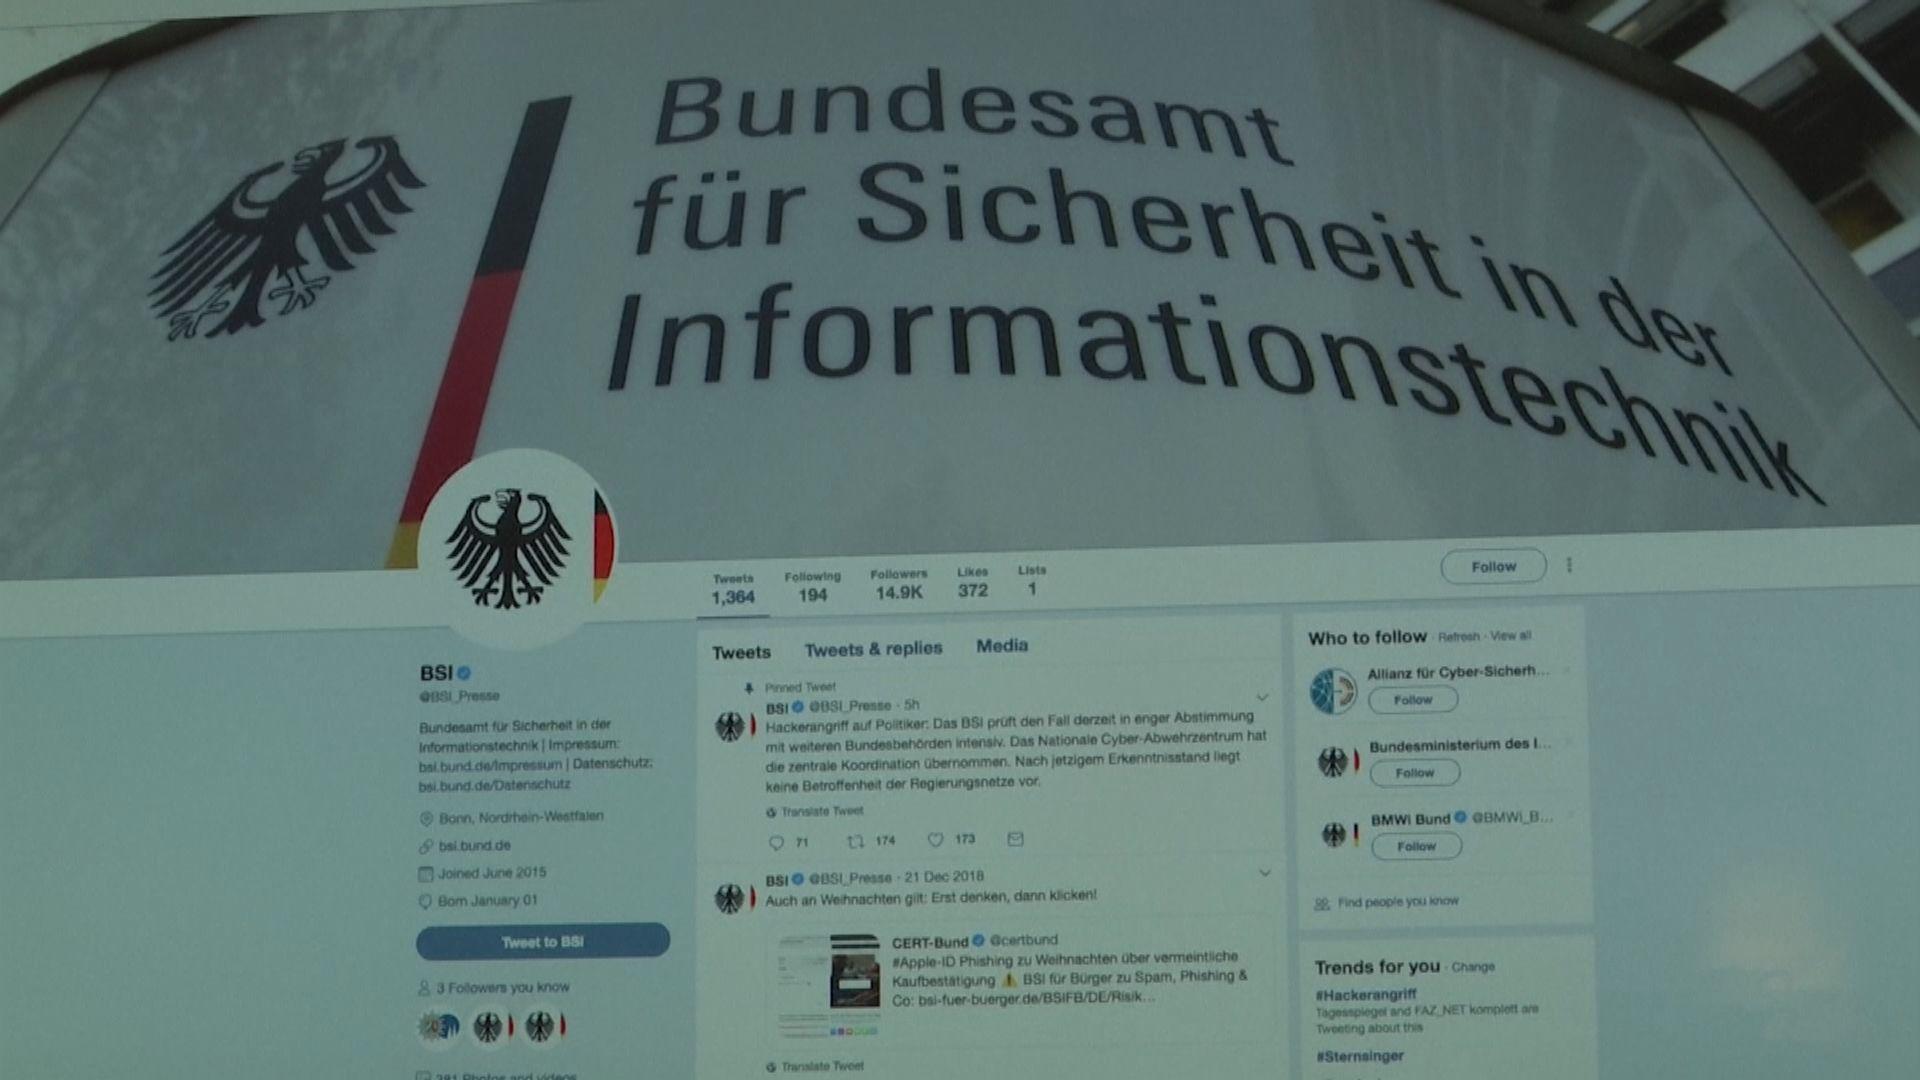 政客資料外洩 德國網絡保安被指有漏洞